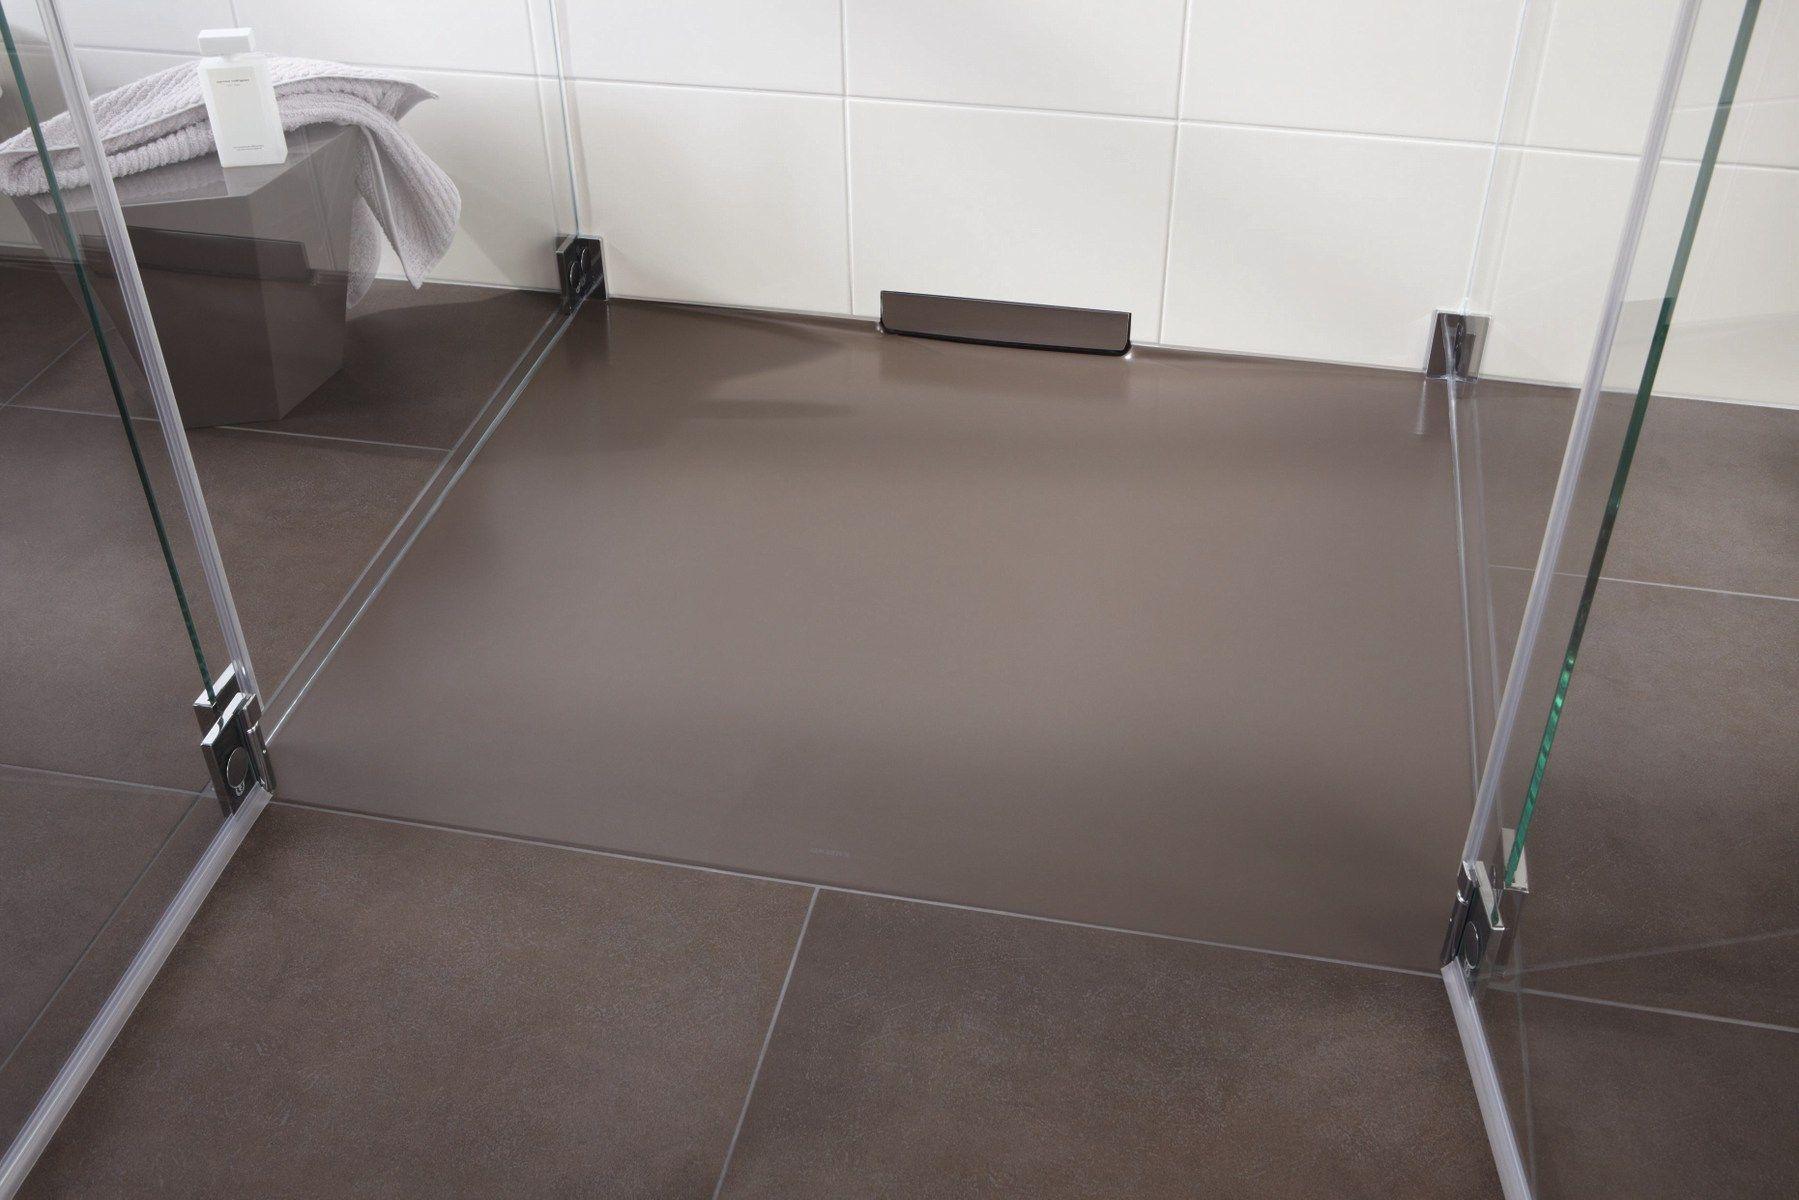 Piatto doccia filo pavimento in acciaio smaltato xetis by - Piatto doccia pavimento ...